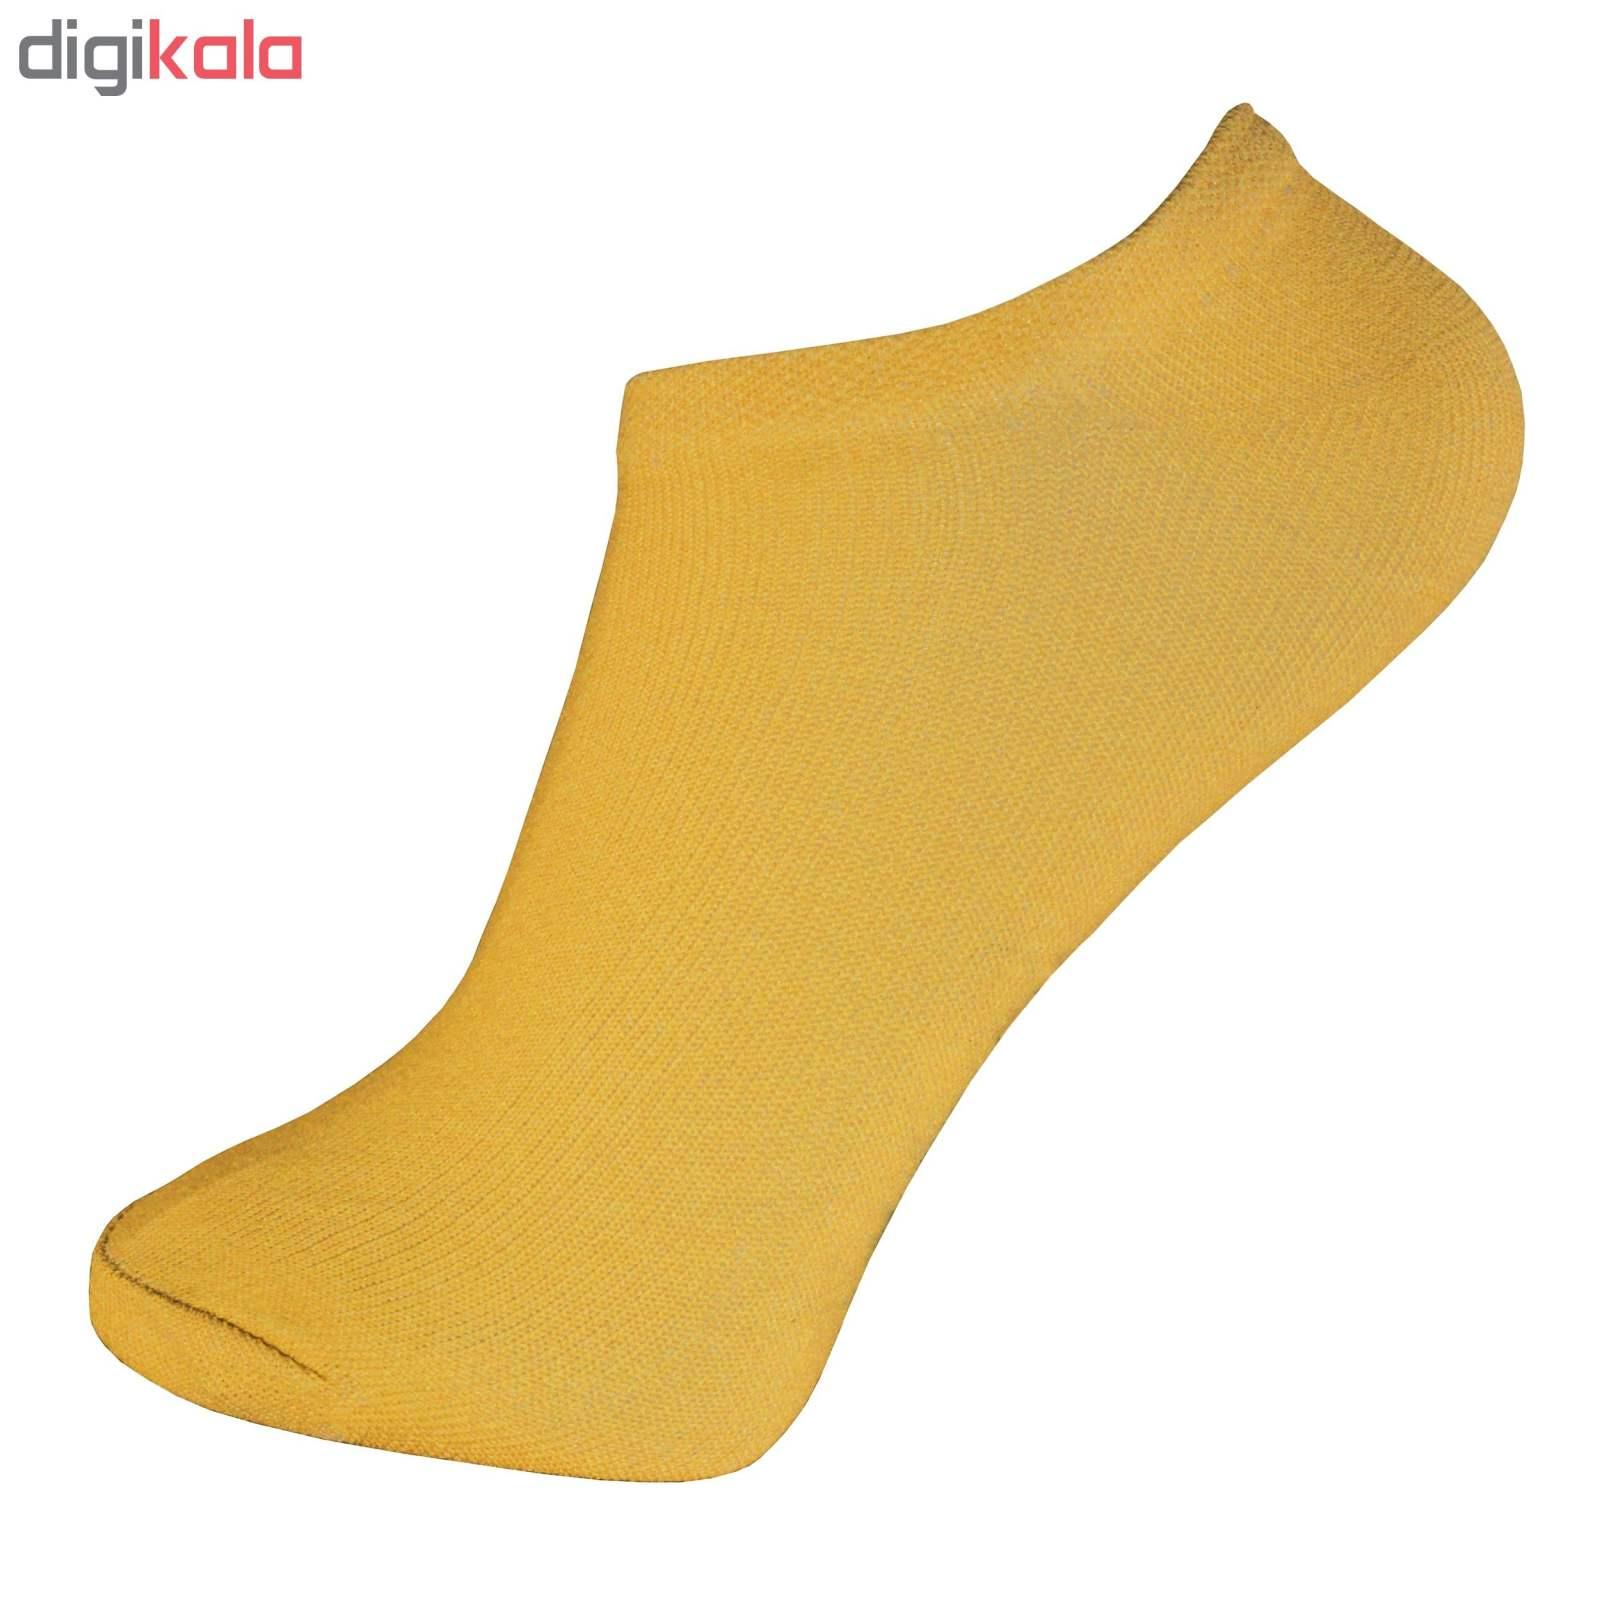 جوراب زنانه پرشیکا کد 1 مجموعه 12 عددی main 1 1